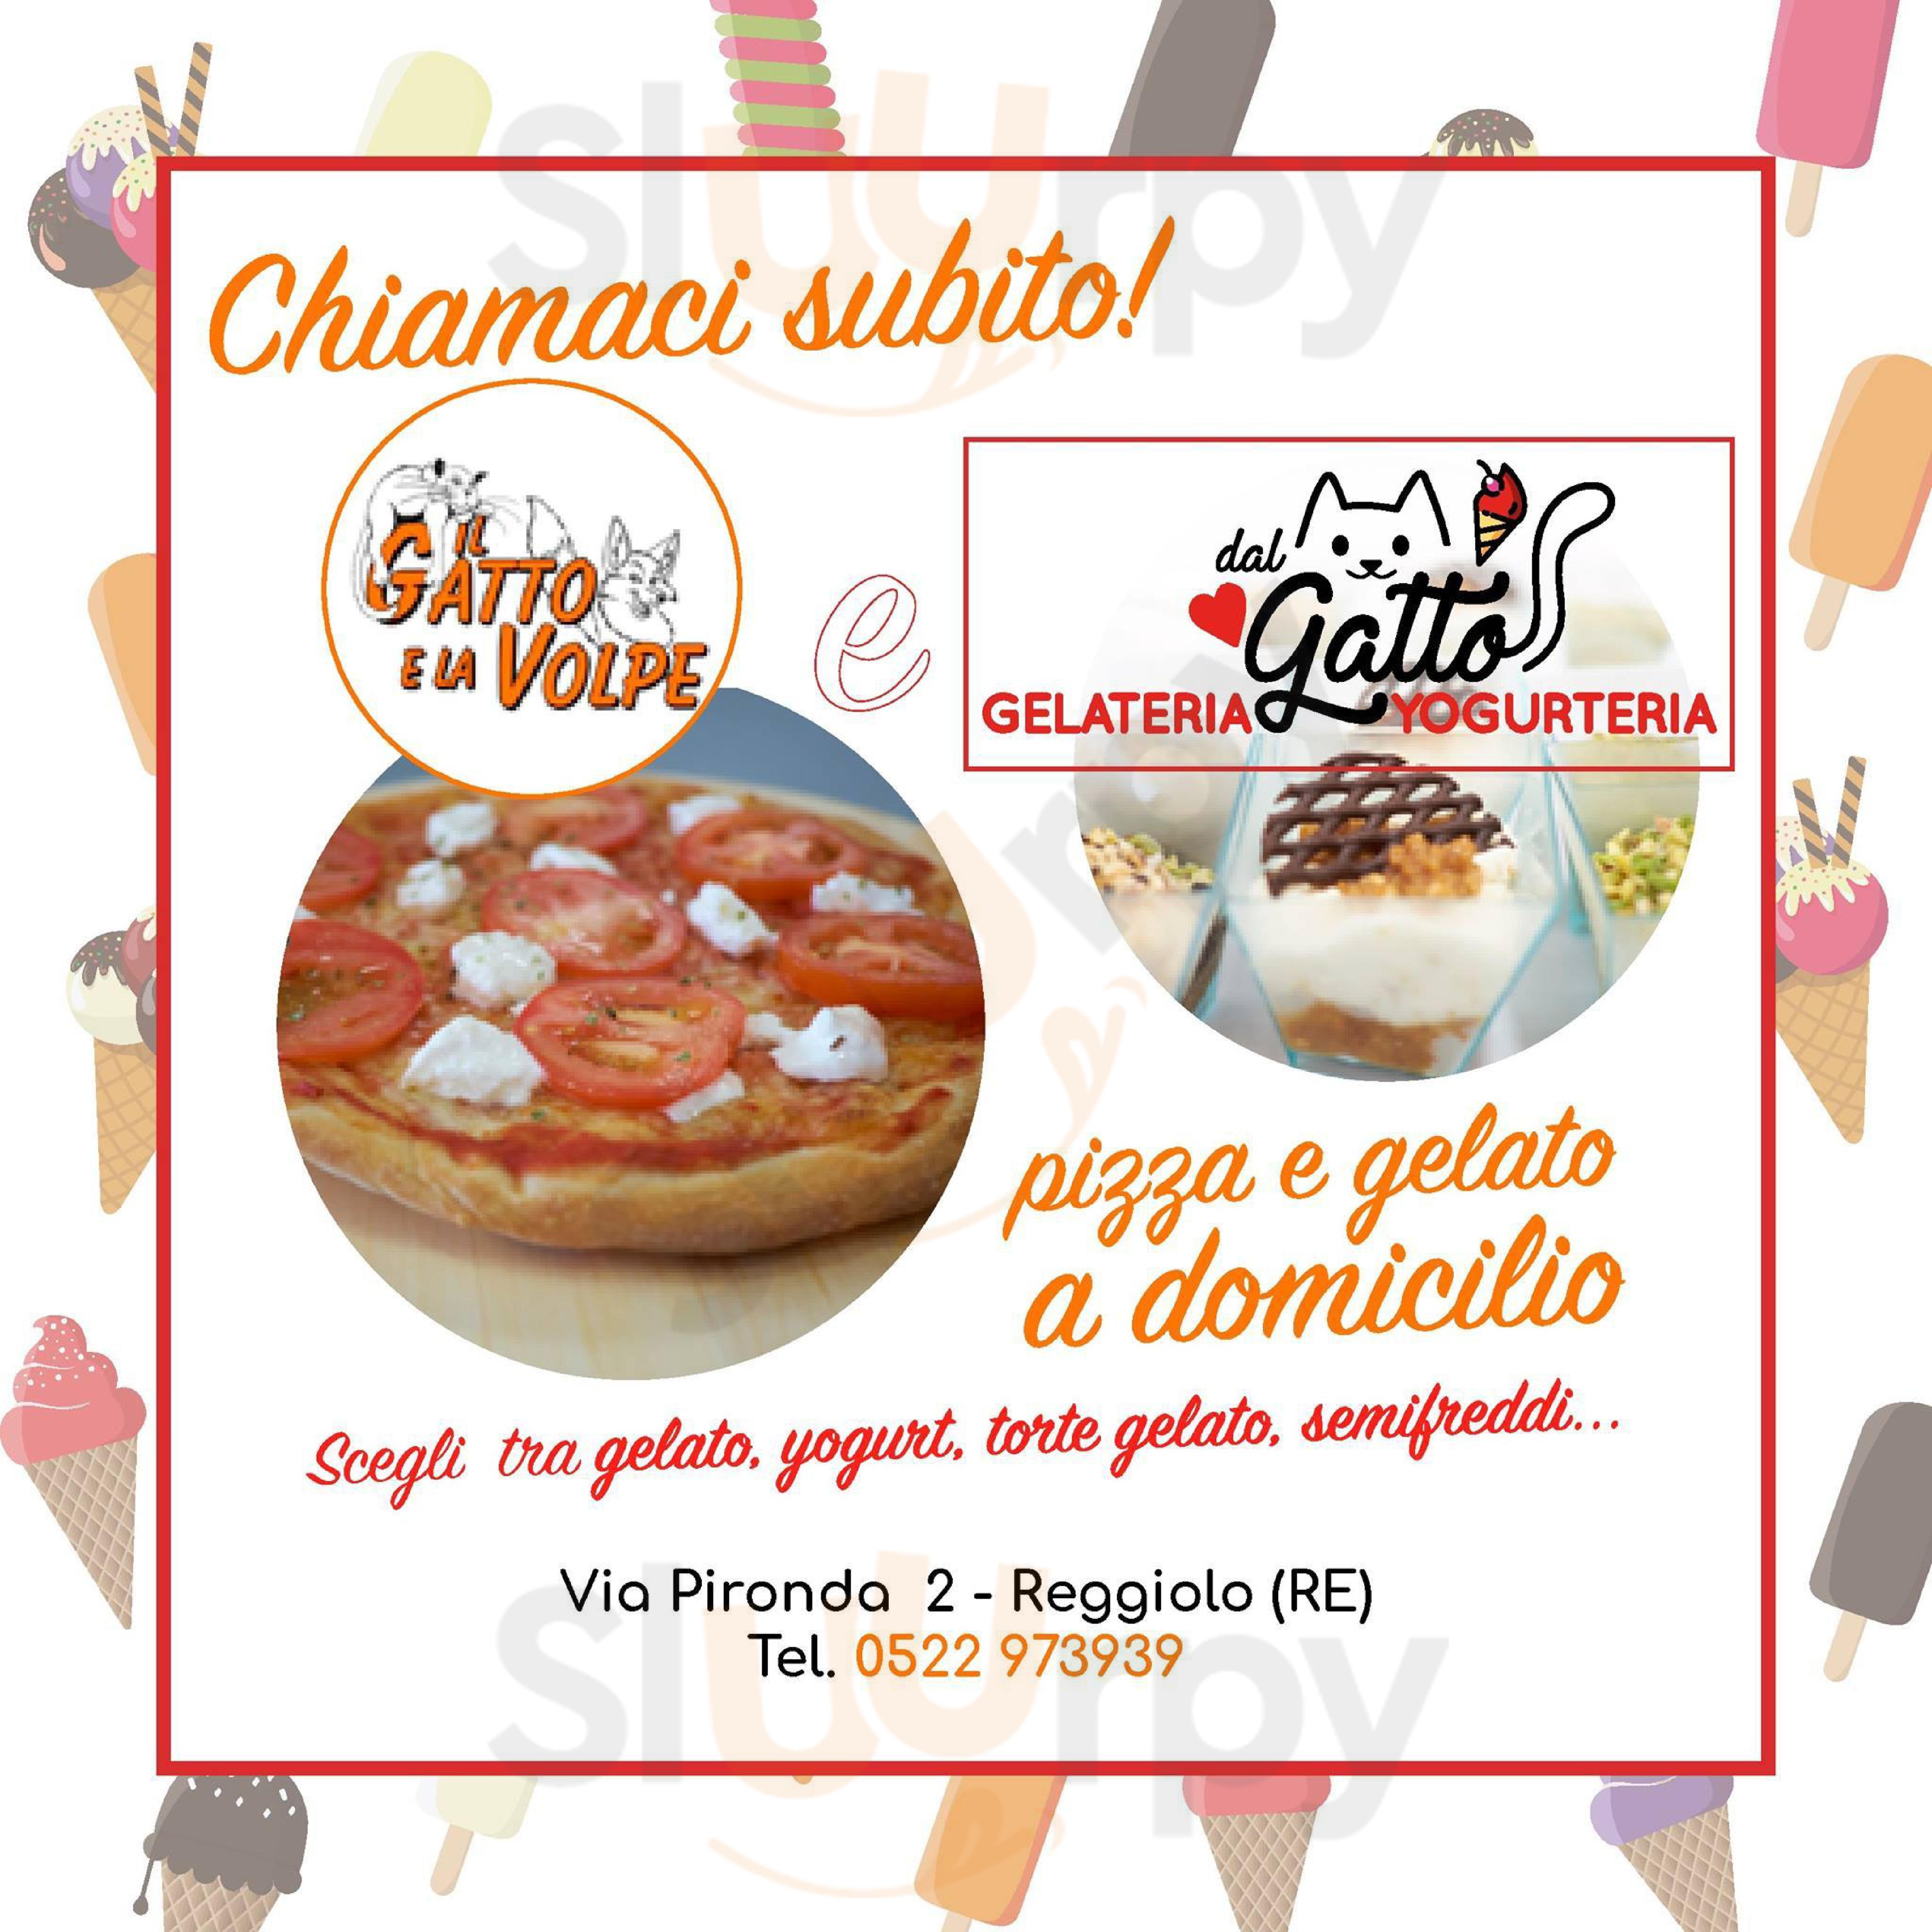 Menù Ristorante Pizzeria Il Gatto E La Volpe Taglio E Asporto A Reggiolo